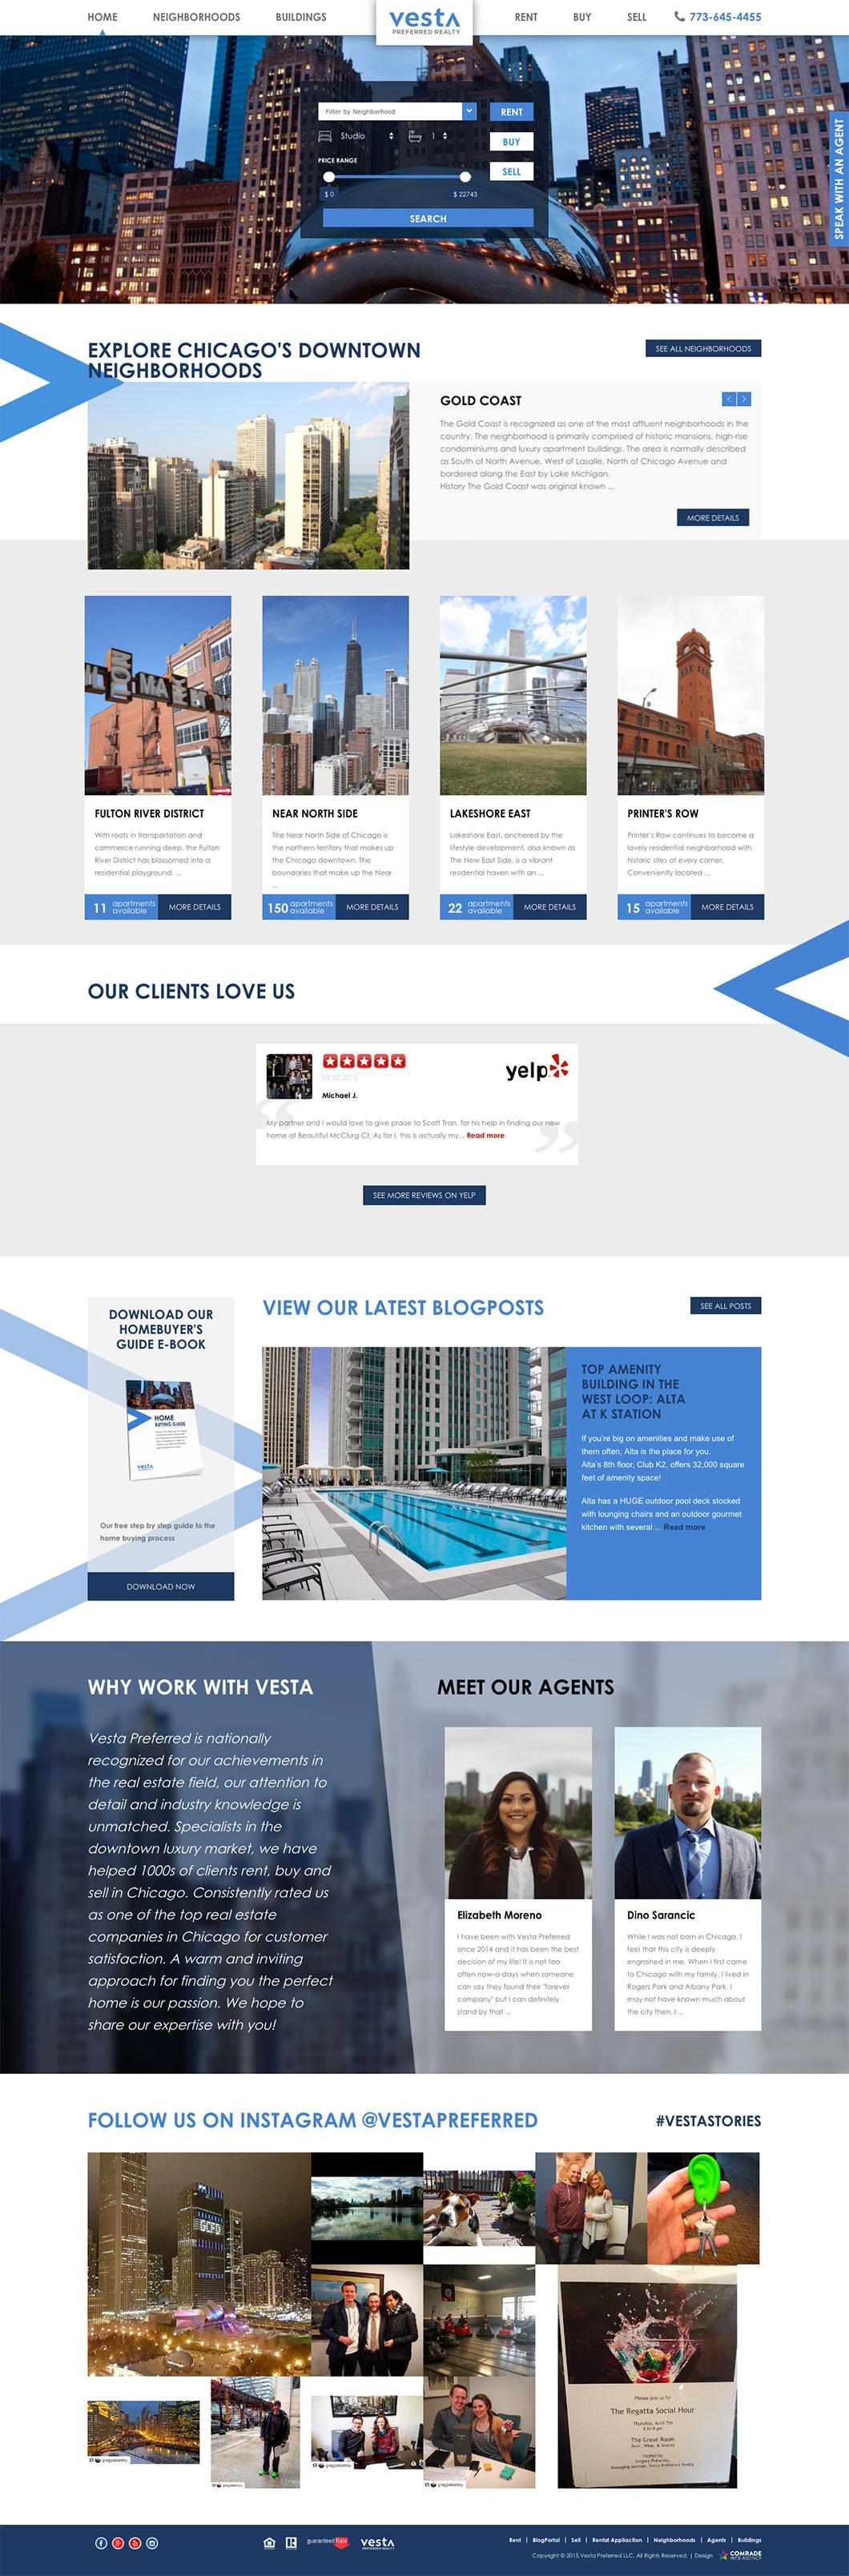 Vesta Preferred Homepage